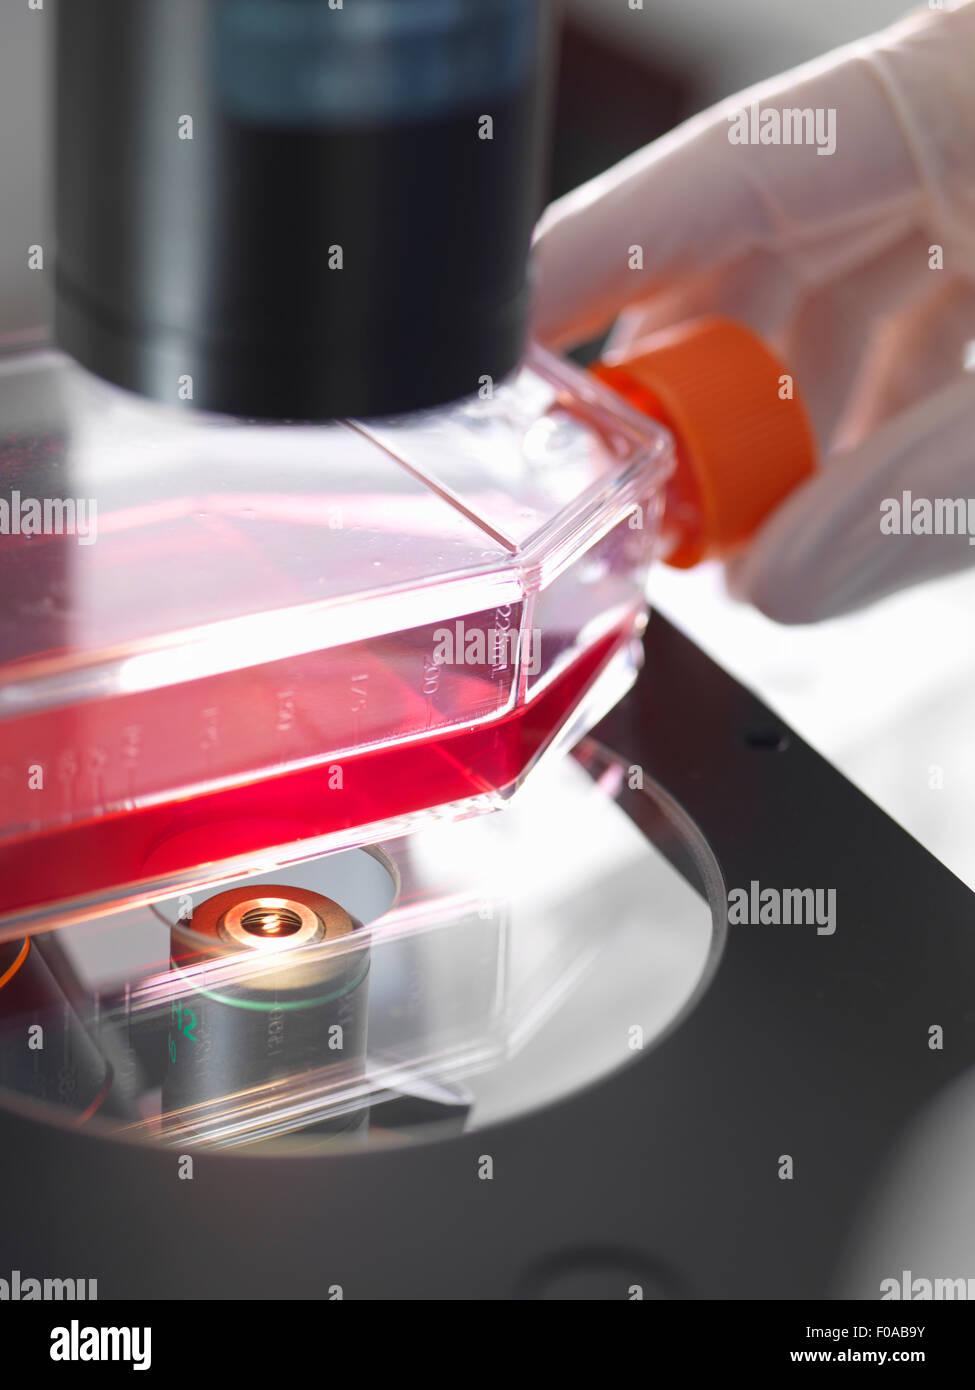 Pallone contenente le culture seduti sulla piattaforma di microscopio invertito in laboratorio Immagini Stock